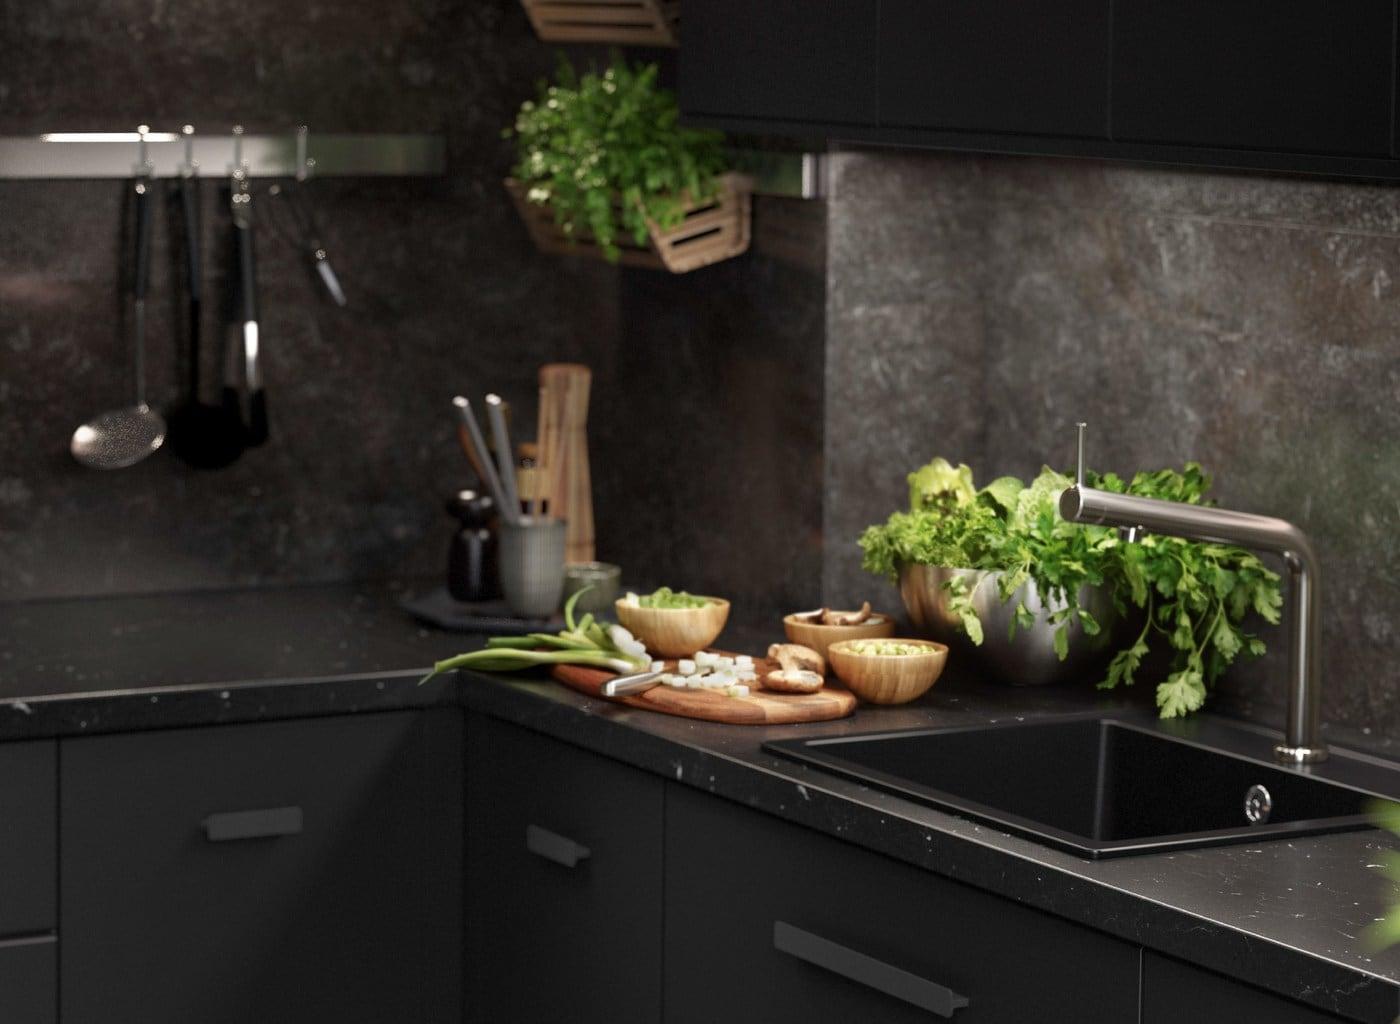 Une cuisine KUNGSBACKA noire avec des éléments effet marbre, des ustensiles de cuisine et des herbes fraîches.